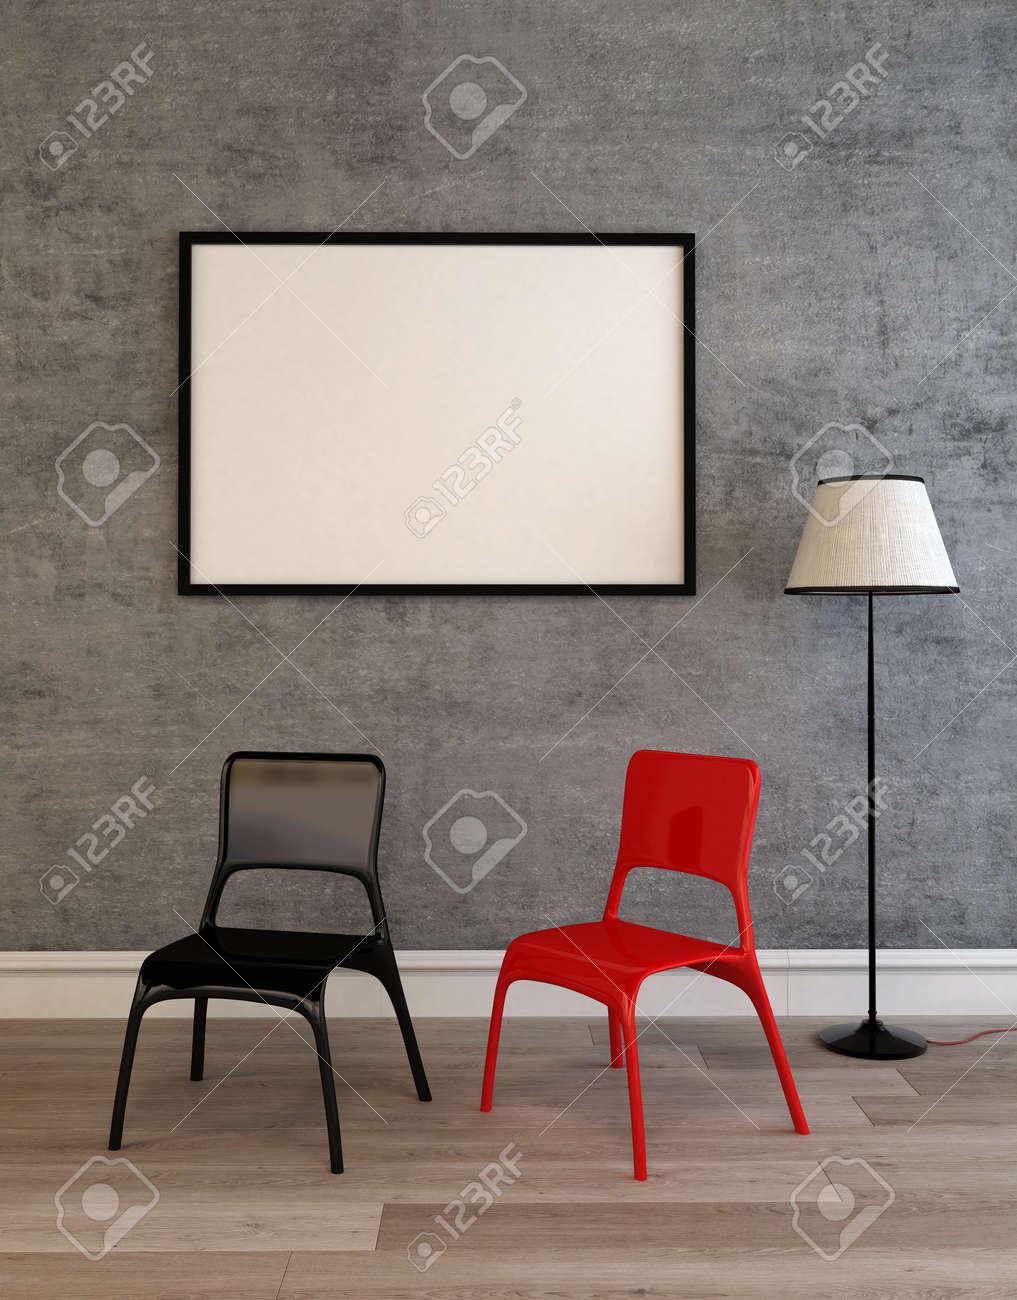 Moderne Schwarze Und Rote Stühle Auf Einem Holzboden Unter Einem ...